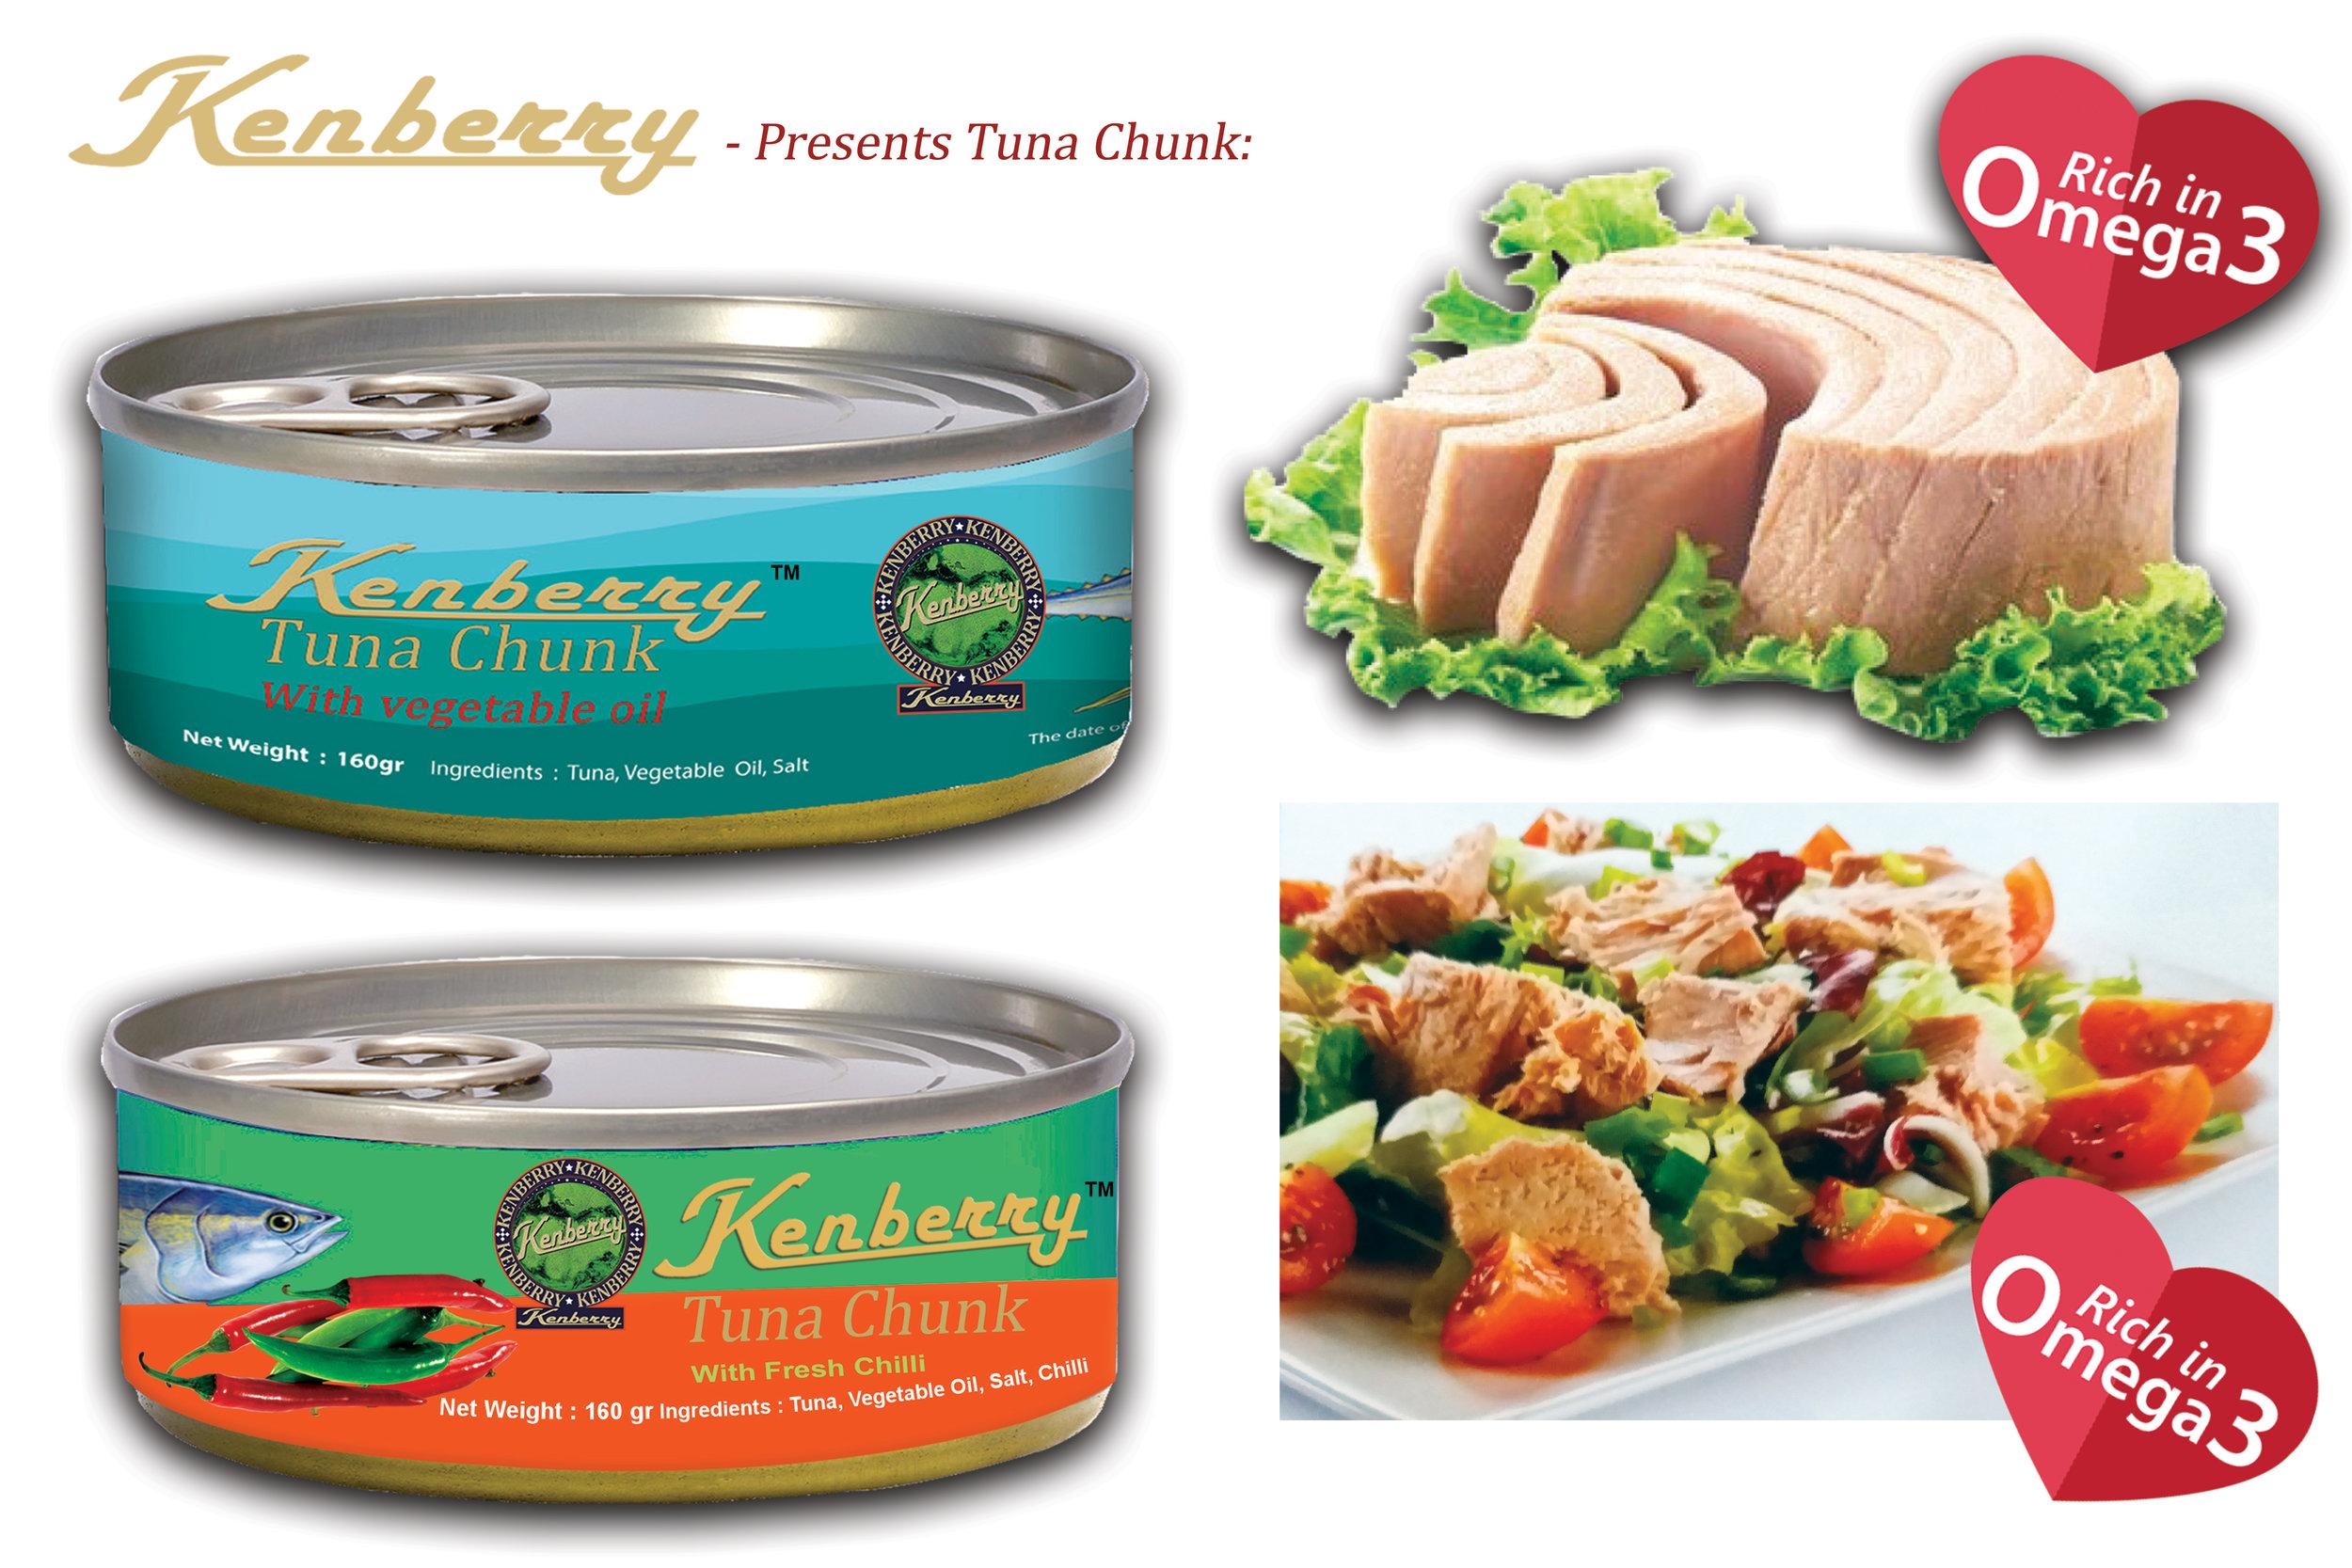 KENBERRY Tuna Chunk